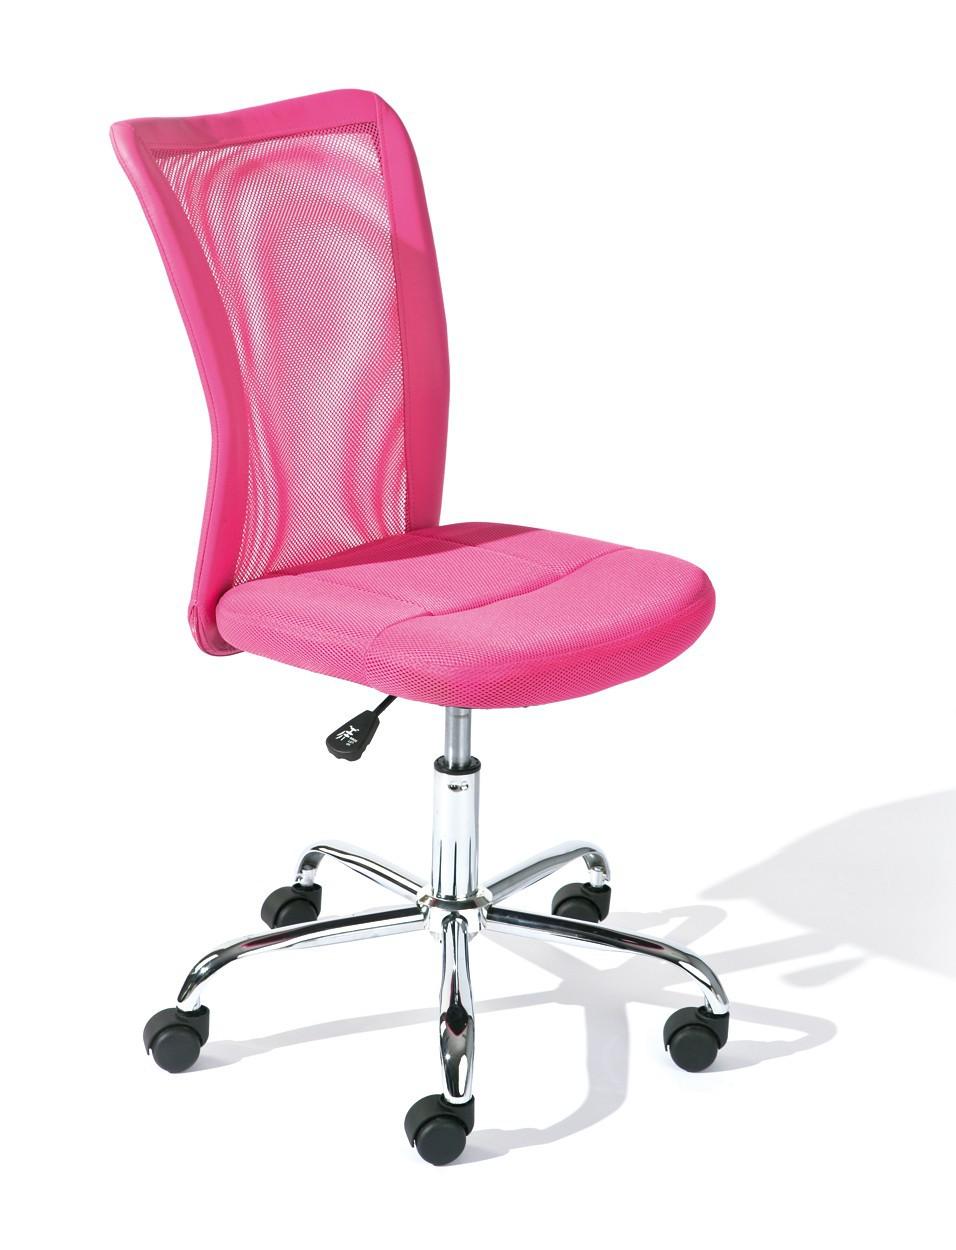 Fauteuil de bureau bonnie rose - Fauteuil de bureau rose ...